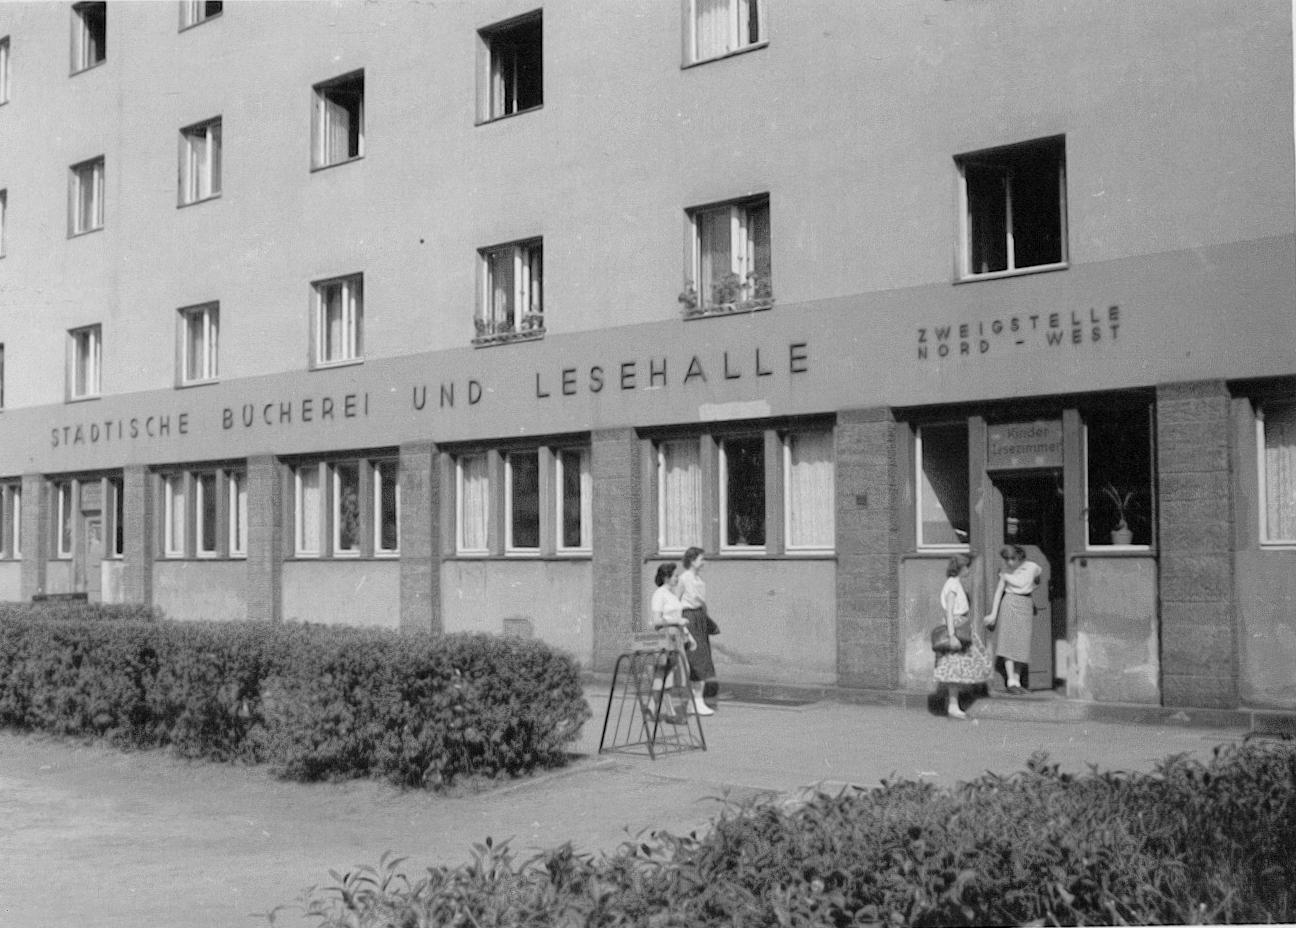 Städtische Bücherei und Lesehalle Nord-West 1957